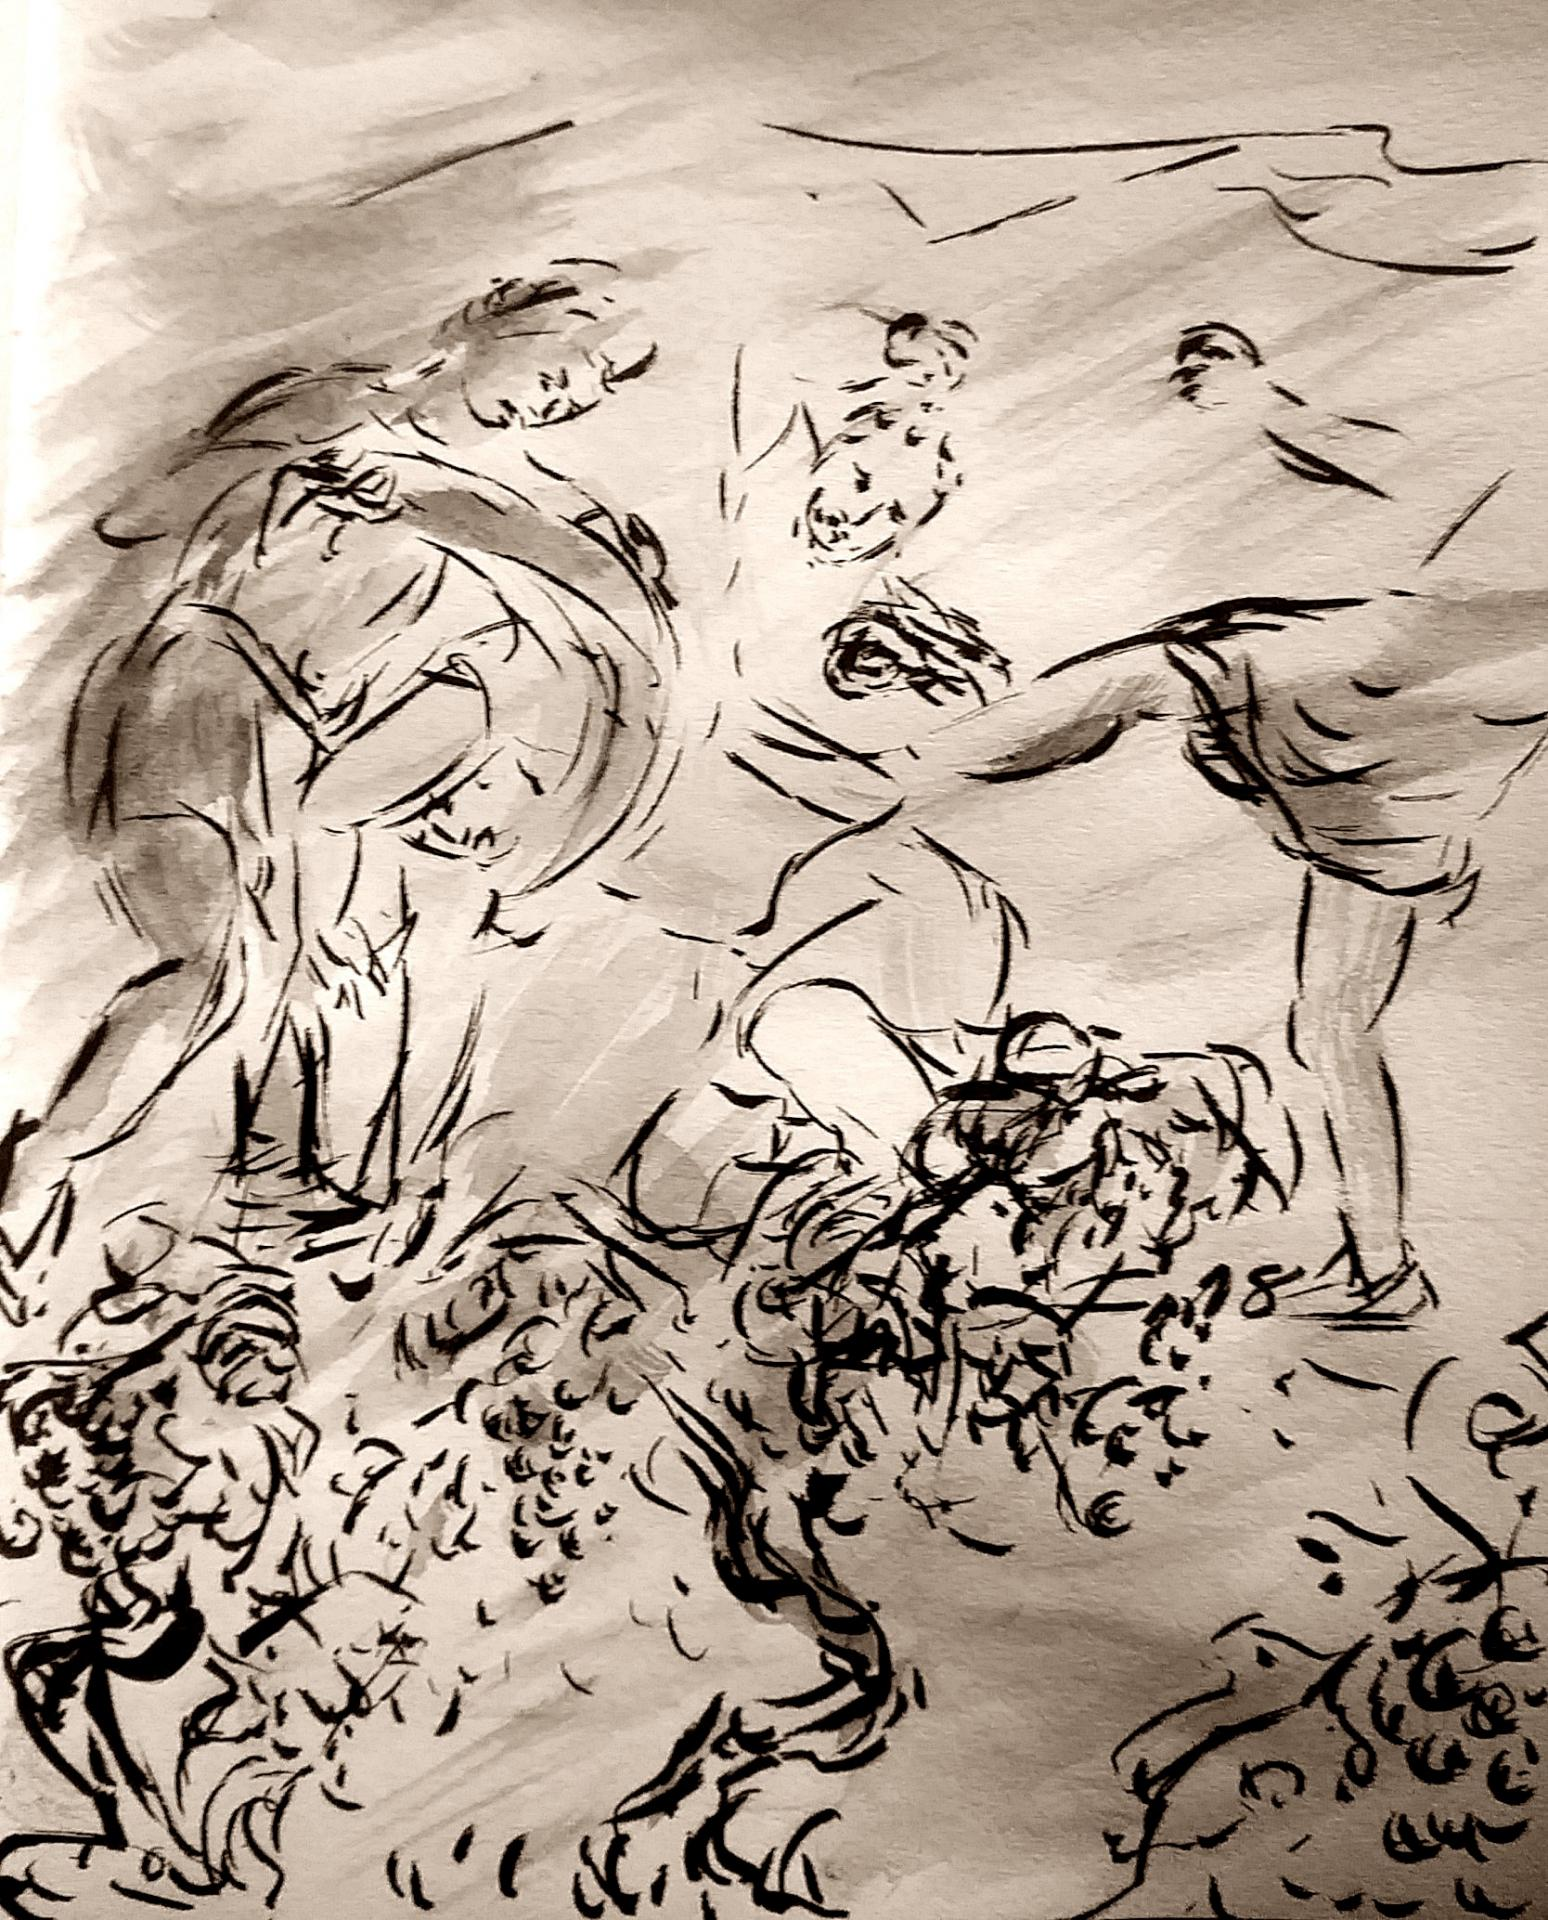 Ils se saisirent de lui, le tuèrent et le jetèrent hors de la vigne 4 juin 2018 evangile du jour illustre par un dessin au lavis de jean joseph chevalier